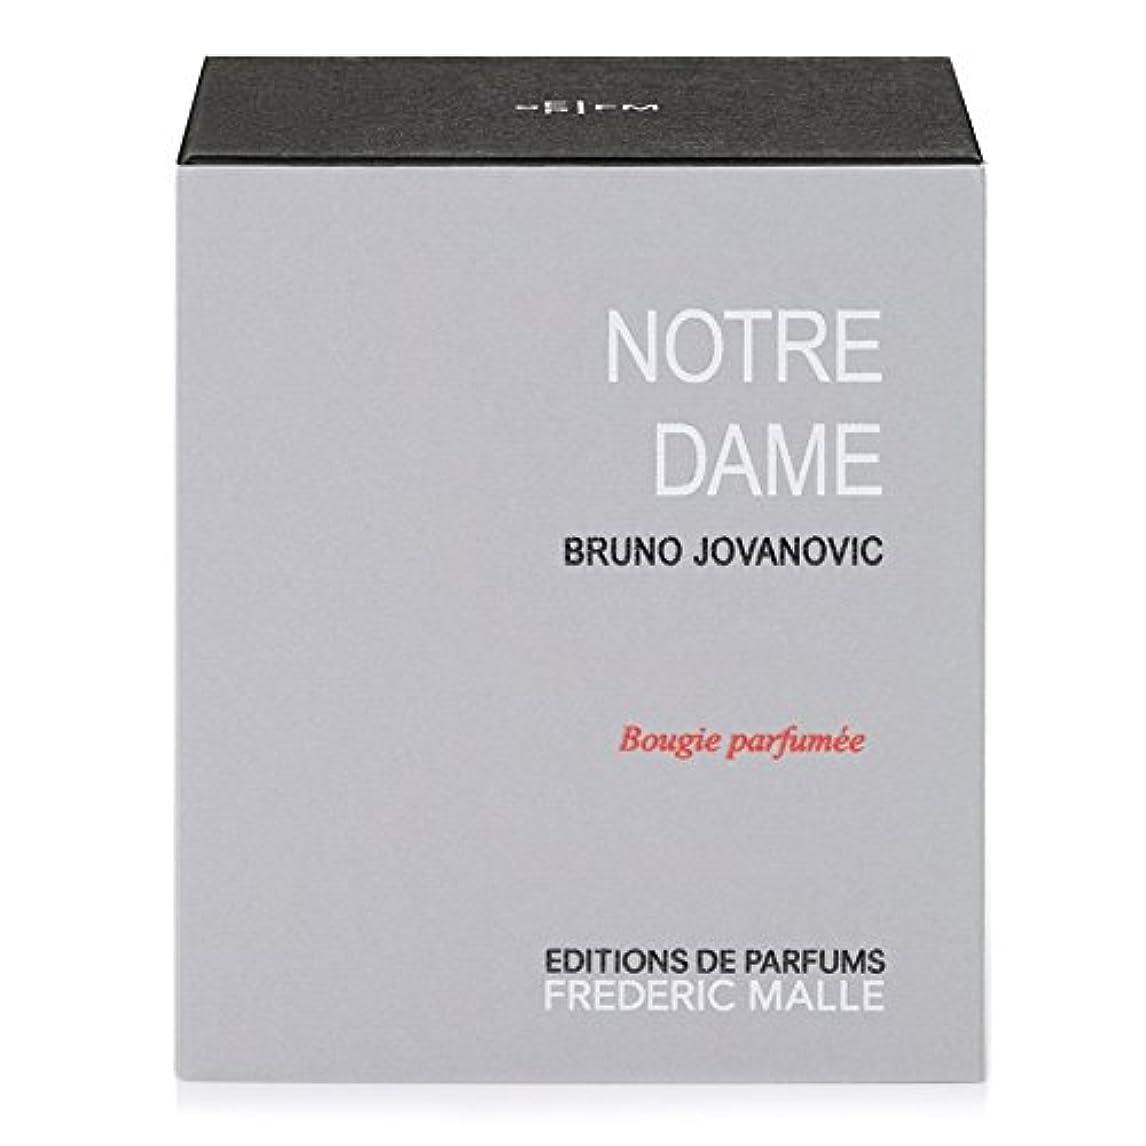 アイザック露骨なお風呂Frederic Malle Notre Dame Scented Candle 220g (Pack of 4) - フレデリック?マルノートルダム香りのキャンドル220グラム x4 [並行輸入品]